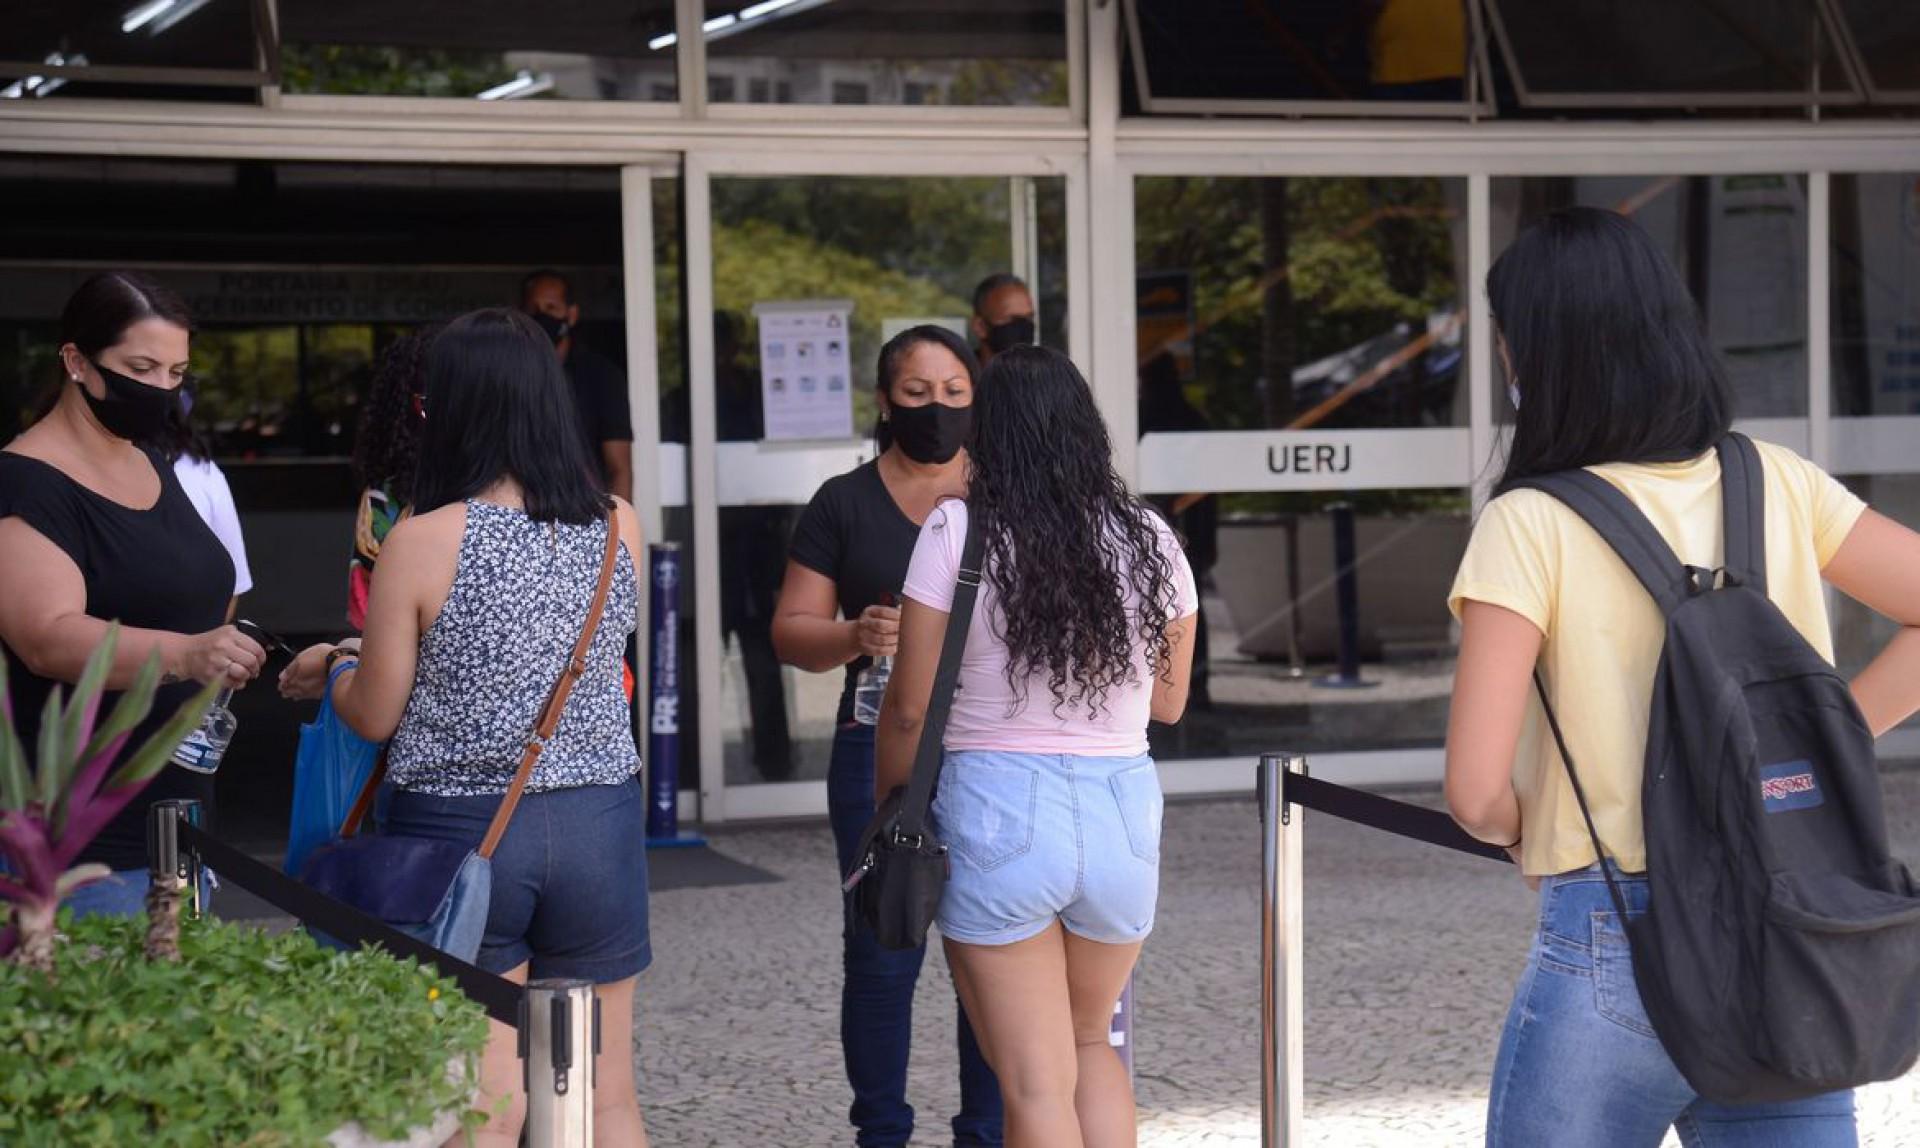 Estudantes chegam para o segundo dia do Exame Nacional do Ensino Médio (Enem) 2020, na Universidade Estadual do Rio de Janeiro(UERJ). (Foto: Tomaz Silva/Agência Brasil)